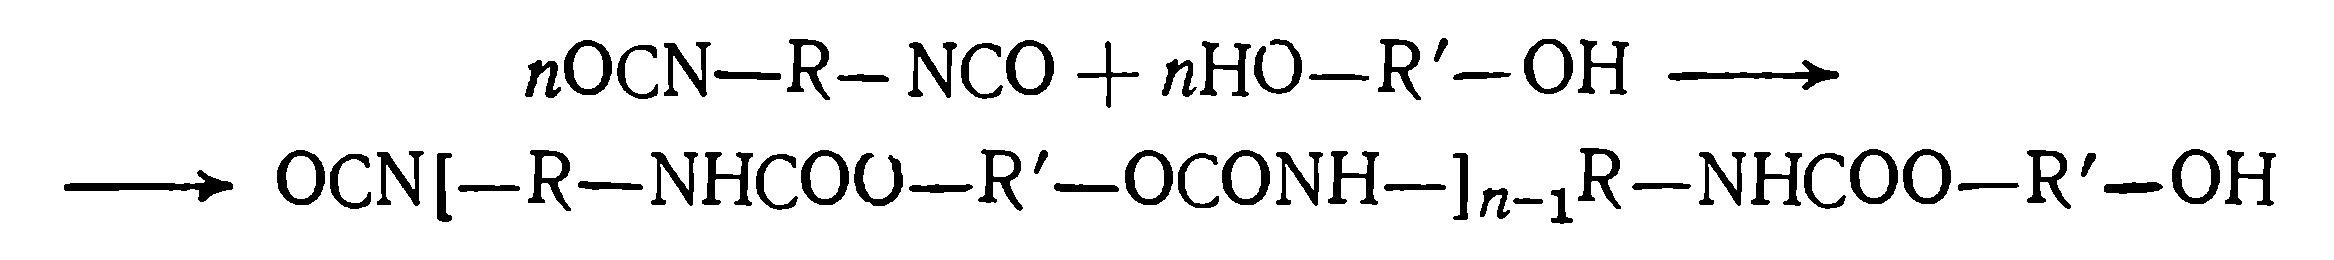 Реакция получения полиуретана